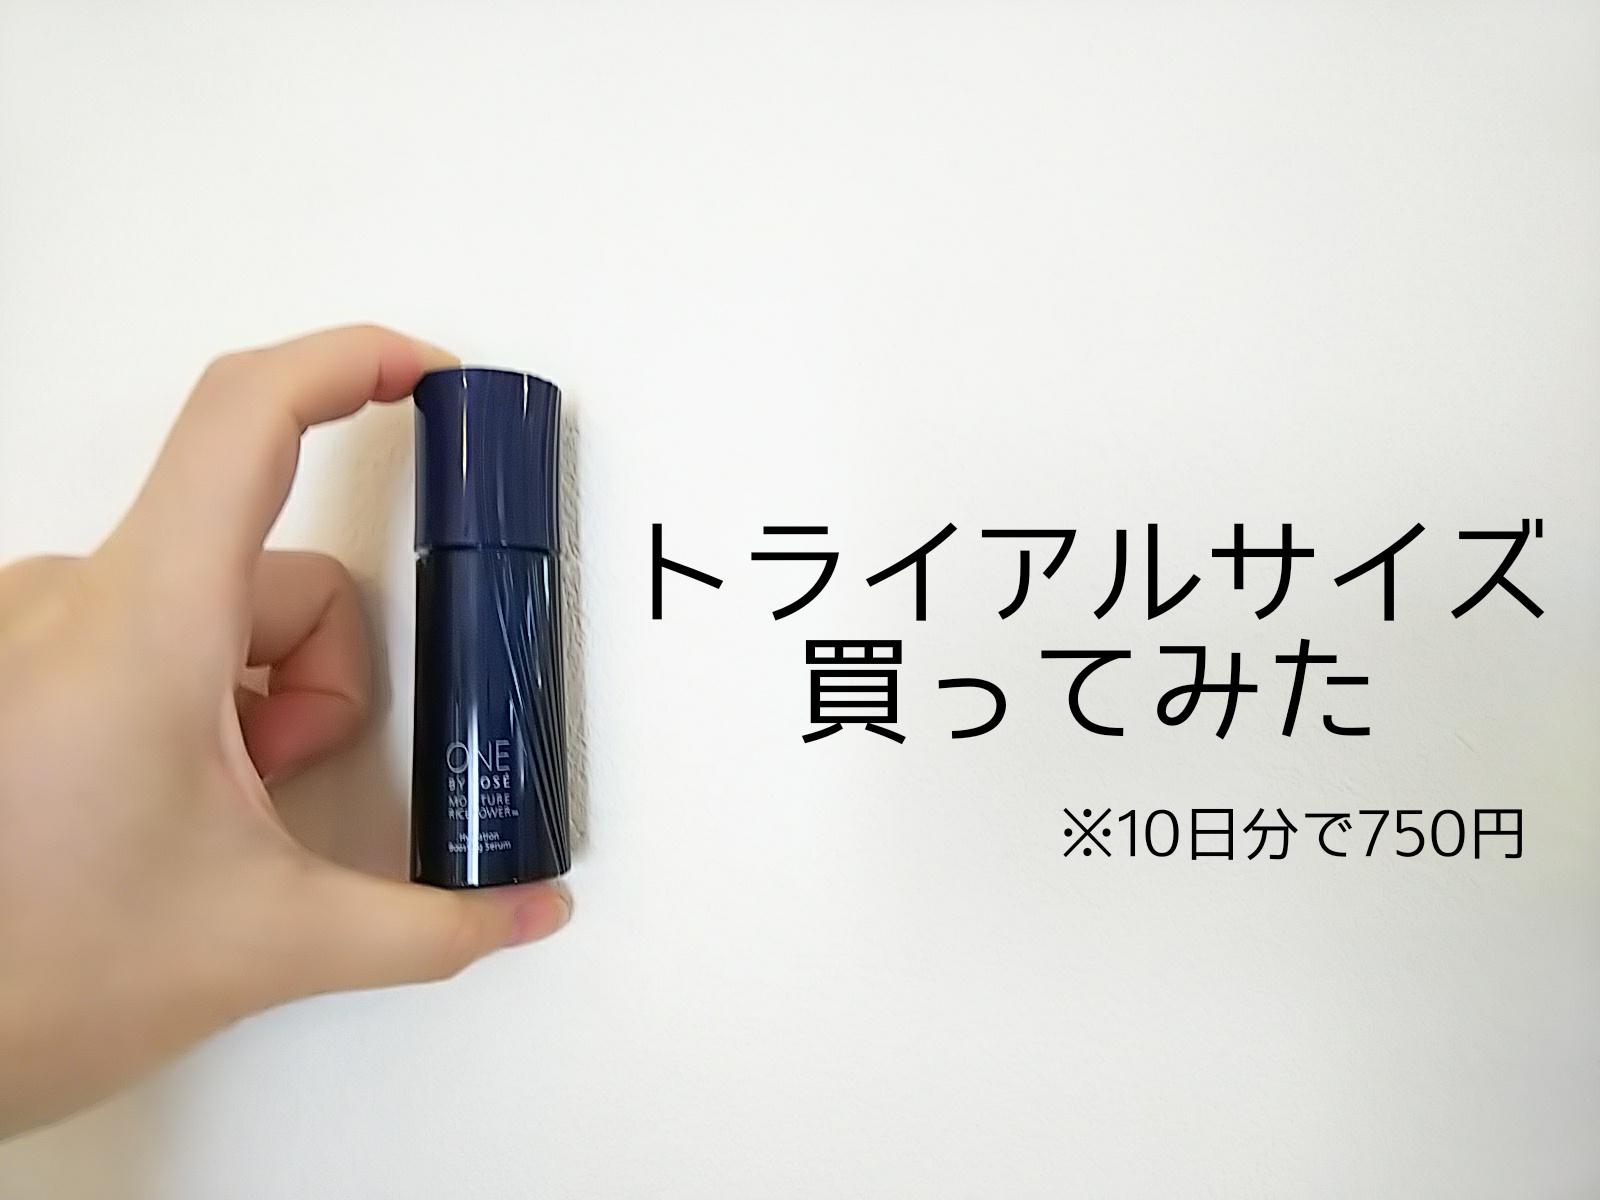 KOSE 薬用保湿美容液 効果